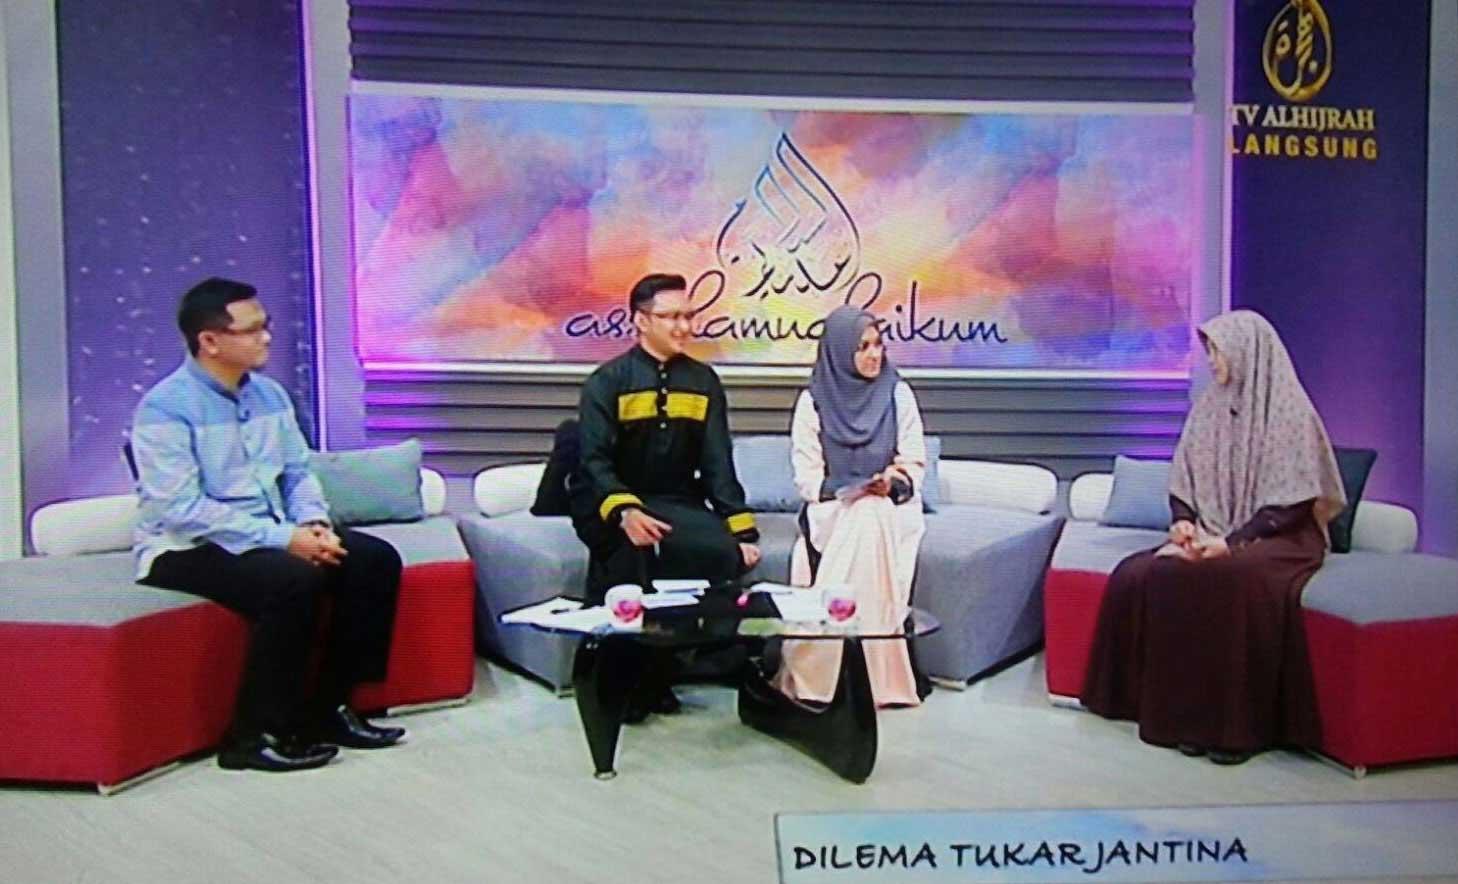 Peguam Syarie Faiz Adnan TV Alhijrah full